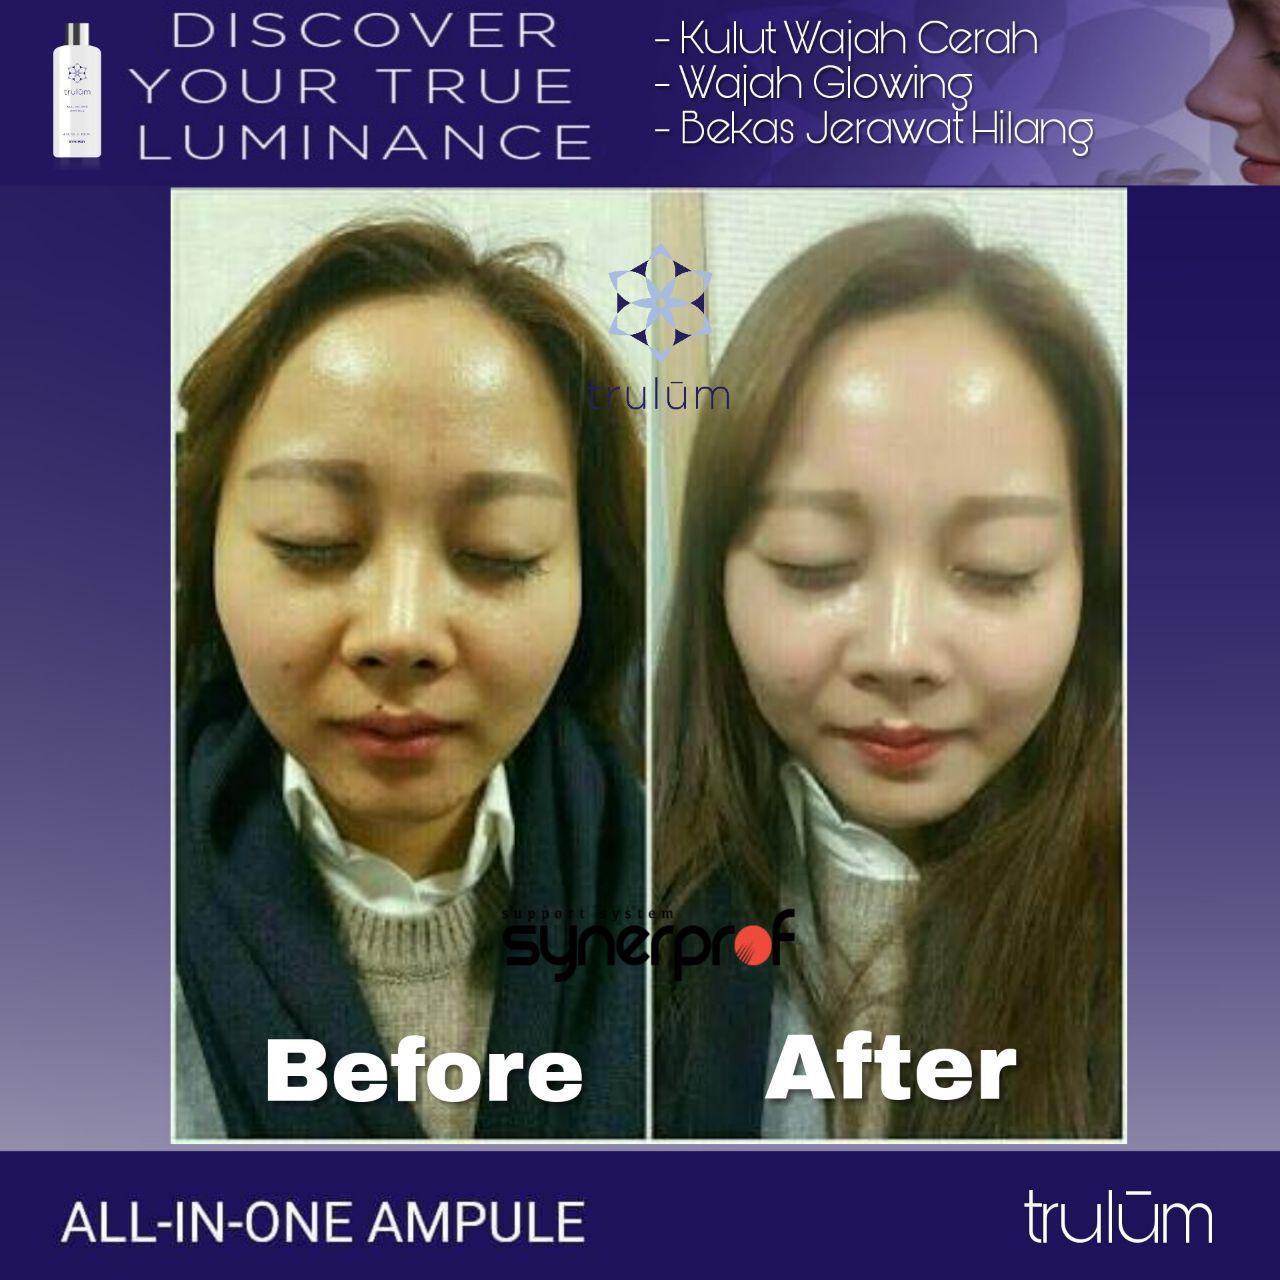 Klinik Kecantikan Trulum Cream Di Beurawang, Sukajaya WA: 08112338376